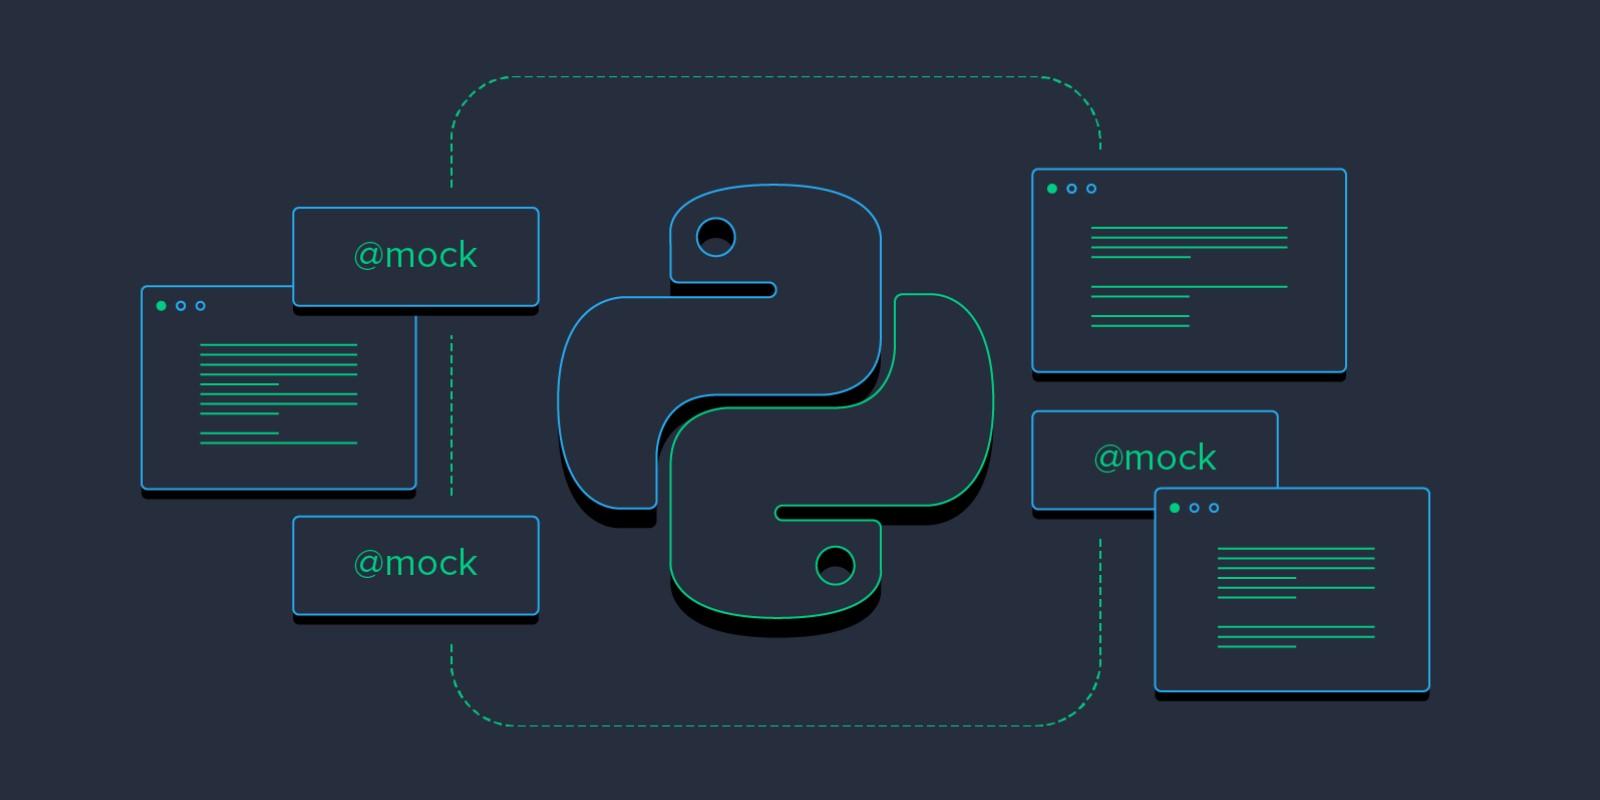 29 полезных фрагментов Python, которые помогут в работе